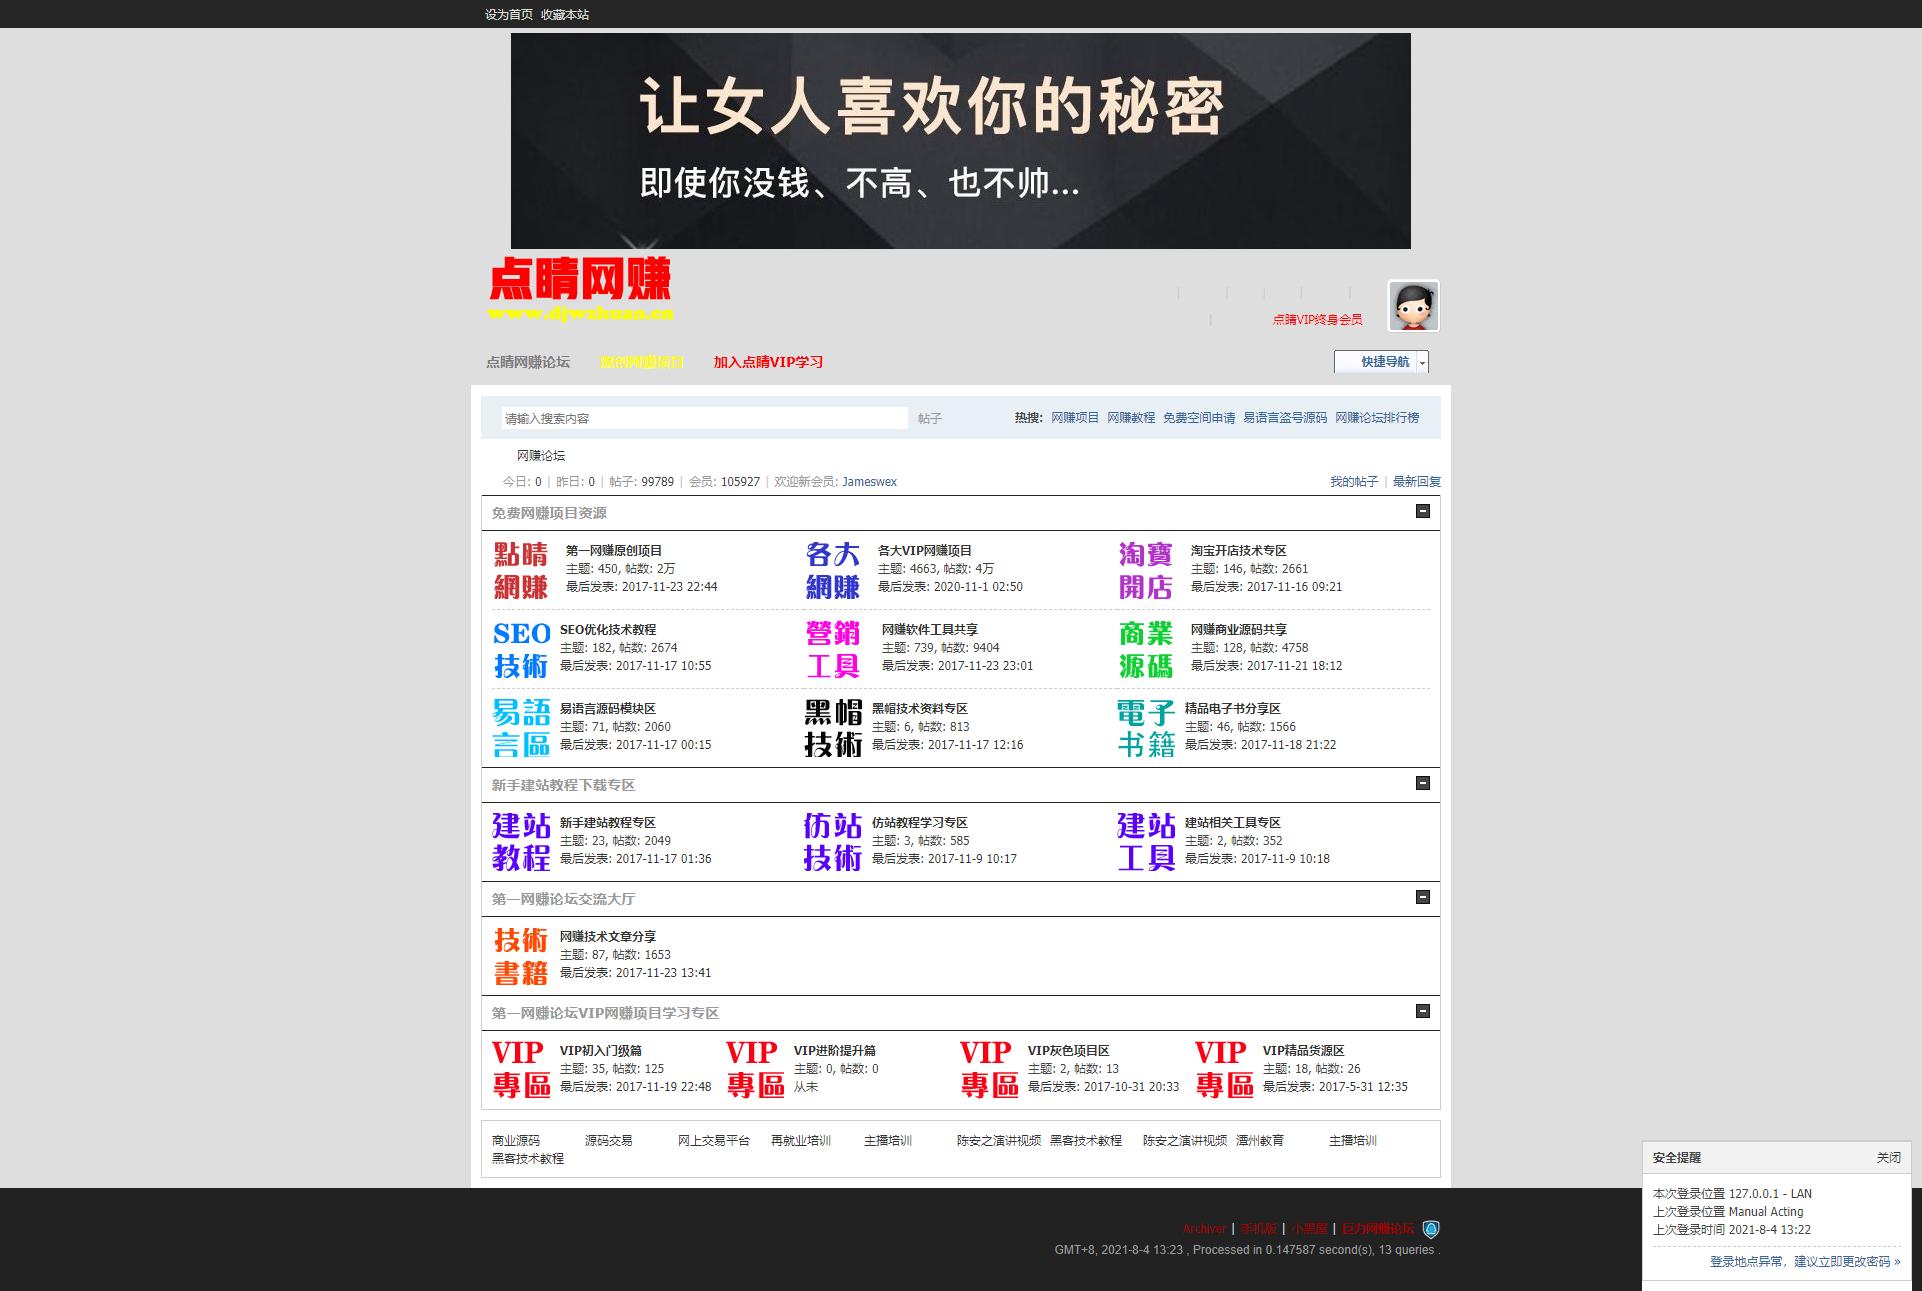 亲测丨DZ论坛点睛网赚论坛整站程序带全套数据打包下载